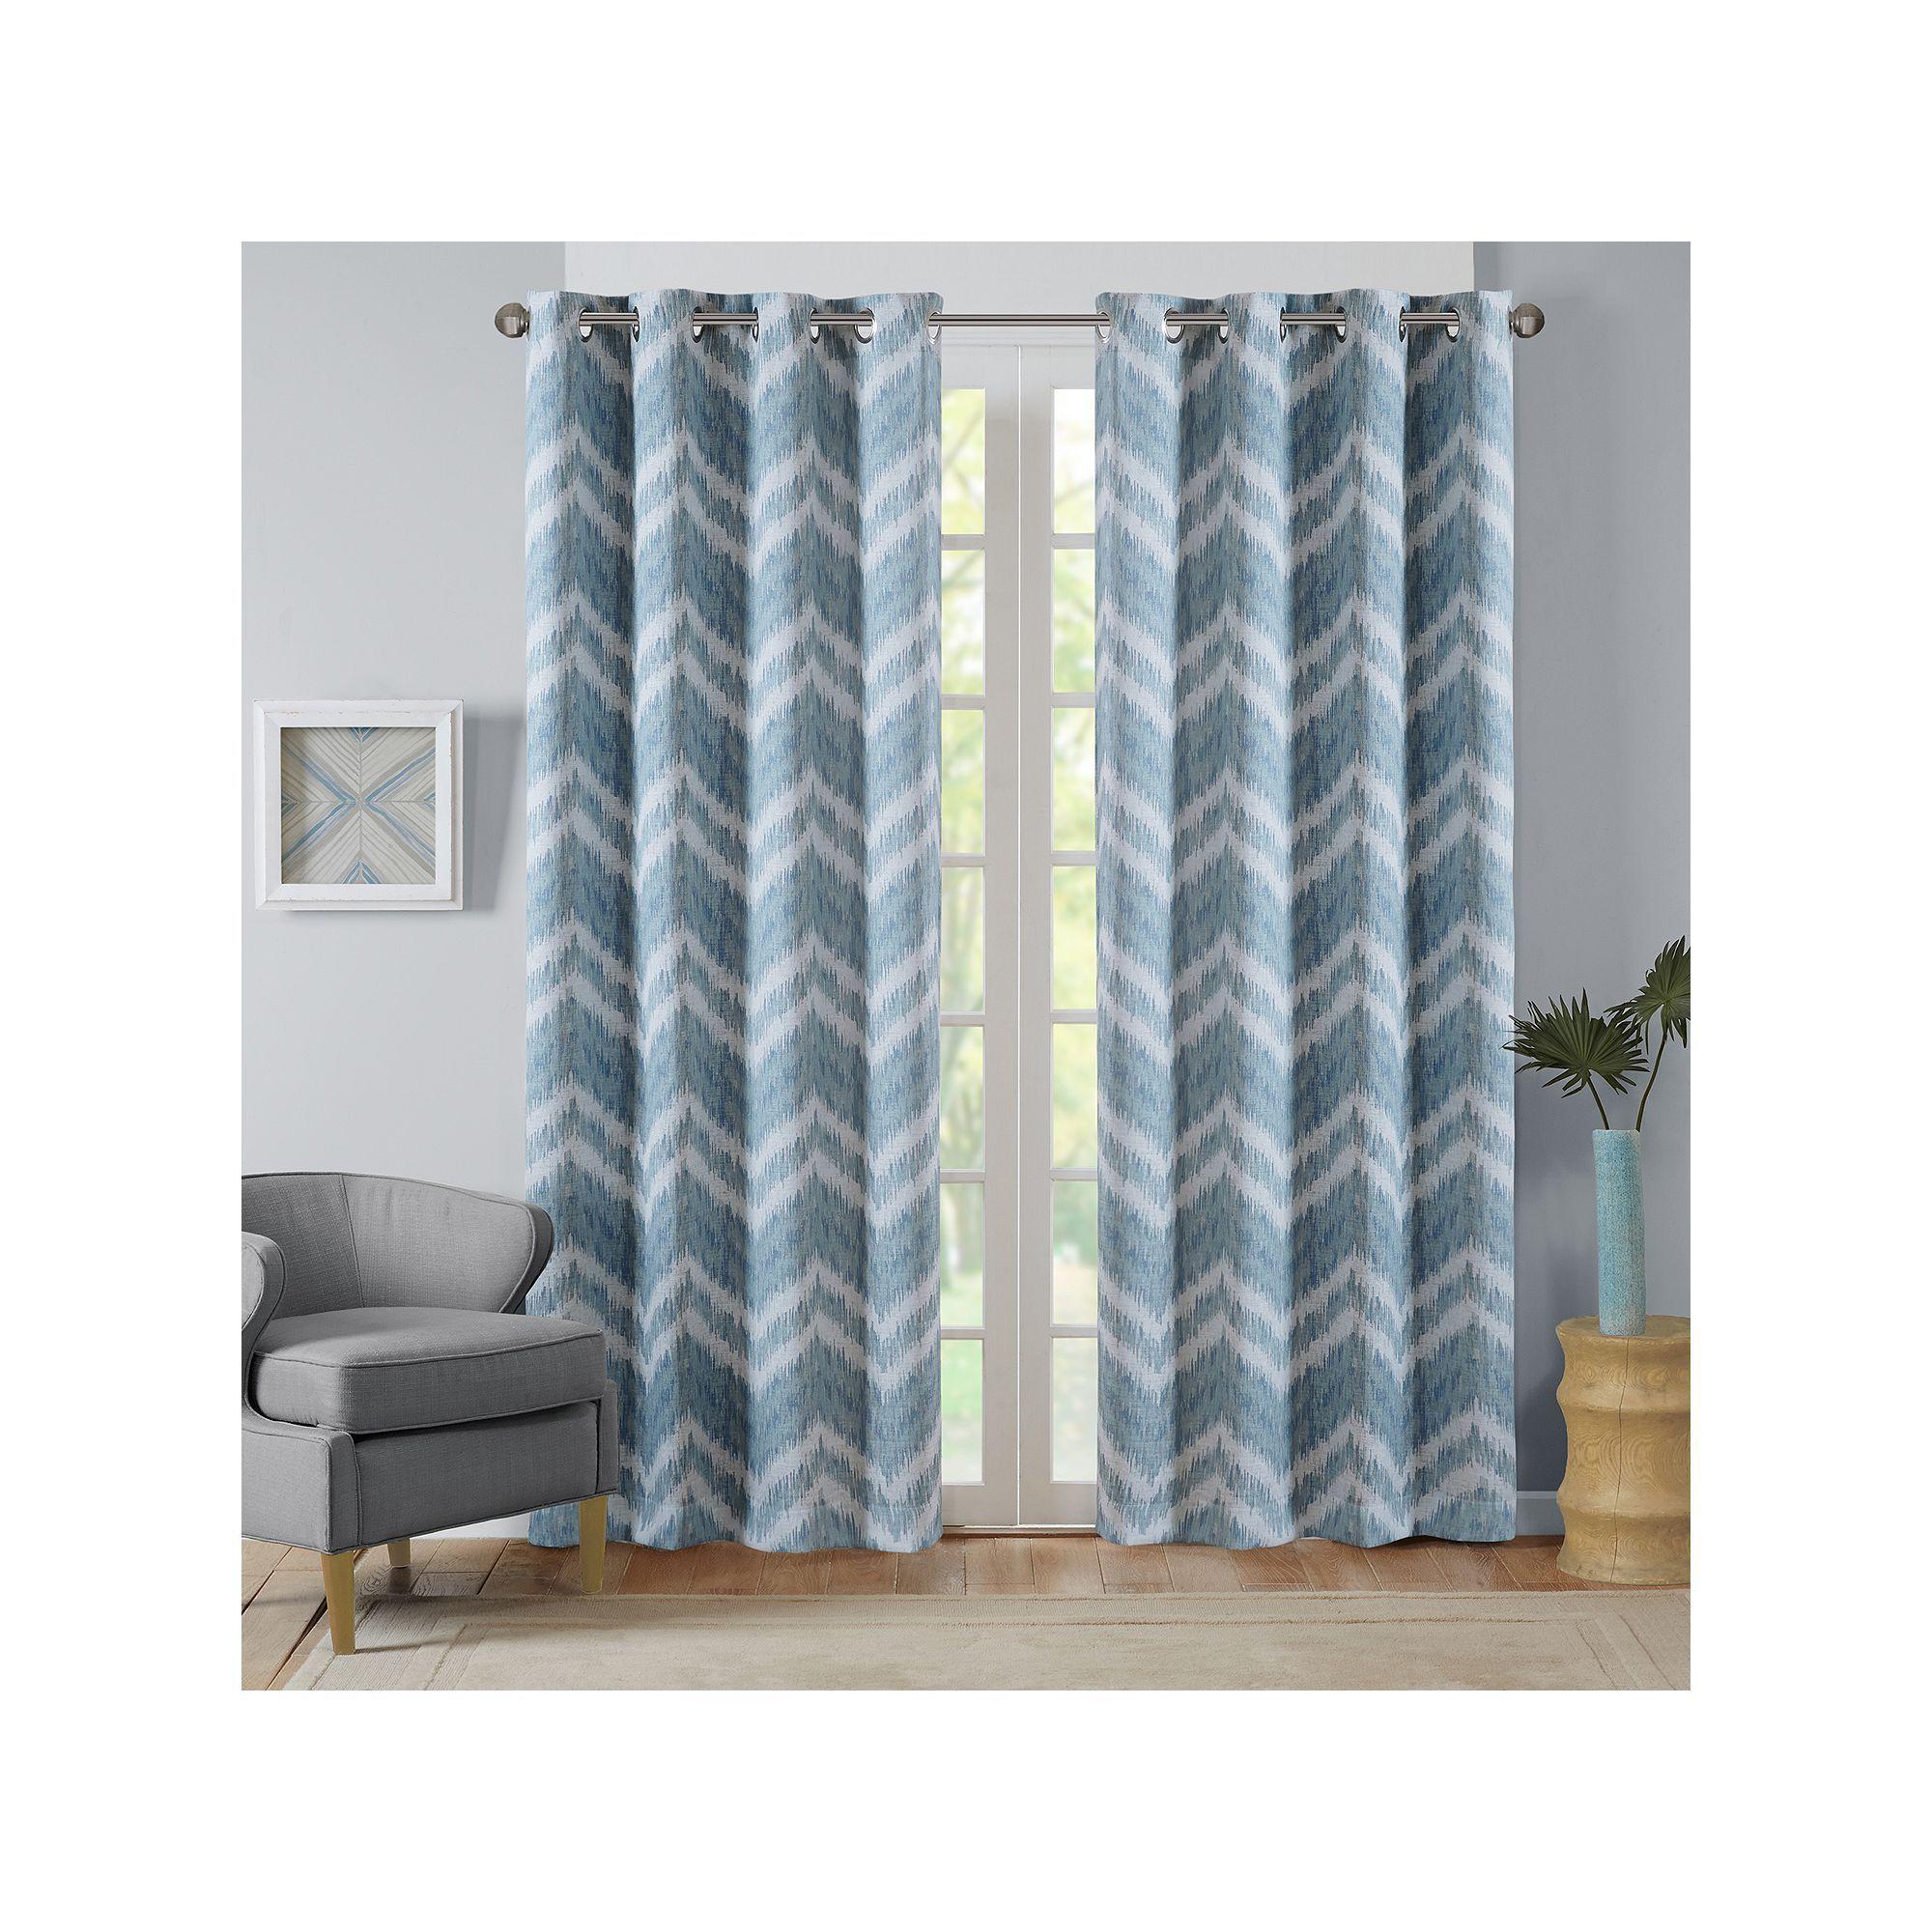 Intelligent Design Nara Chevron Printed Curtain Turquoise Blue Turq Aqua